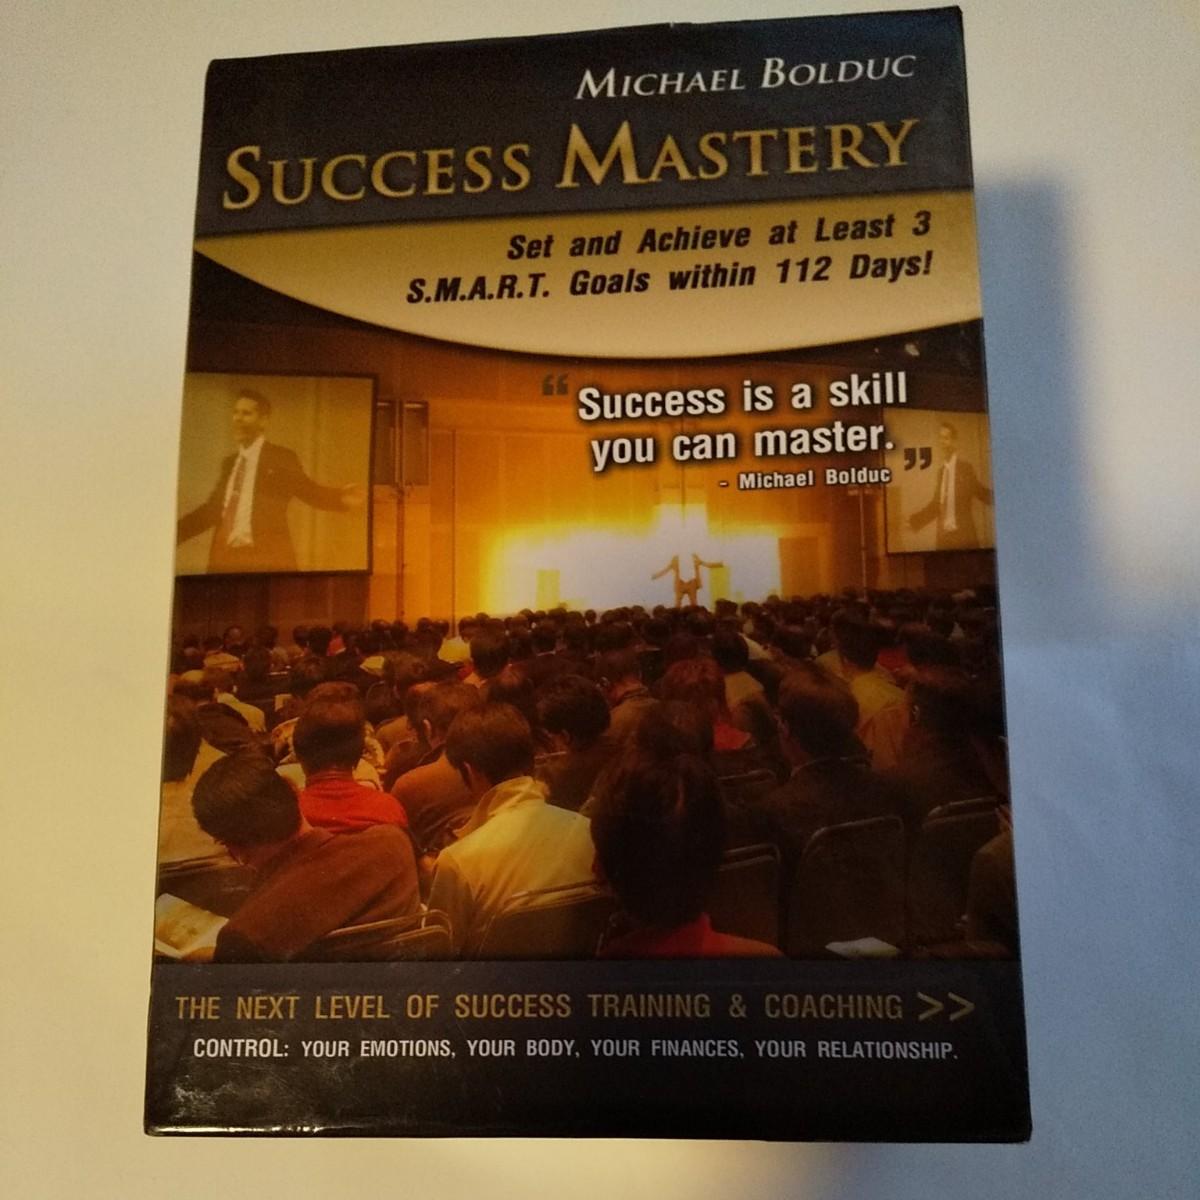 マイケルボルダック 自己啓発DVD教材  success mastery